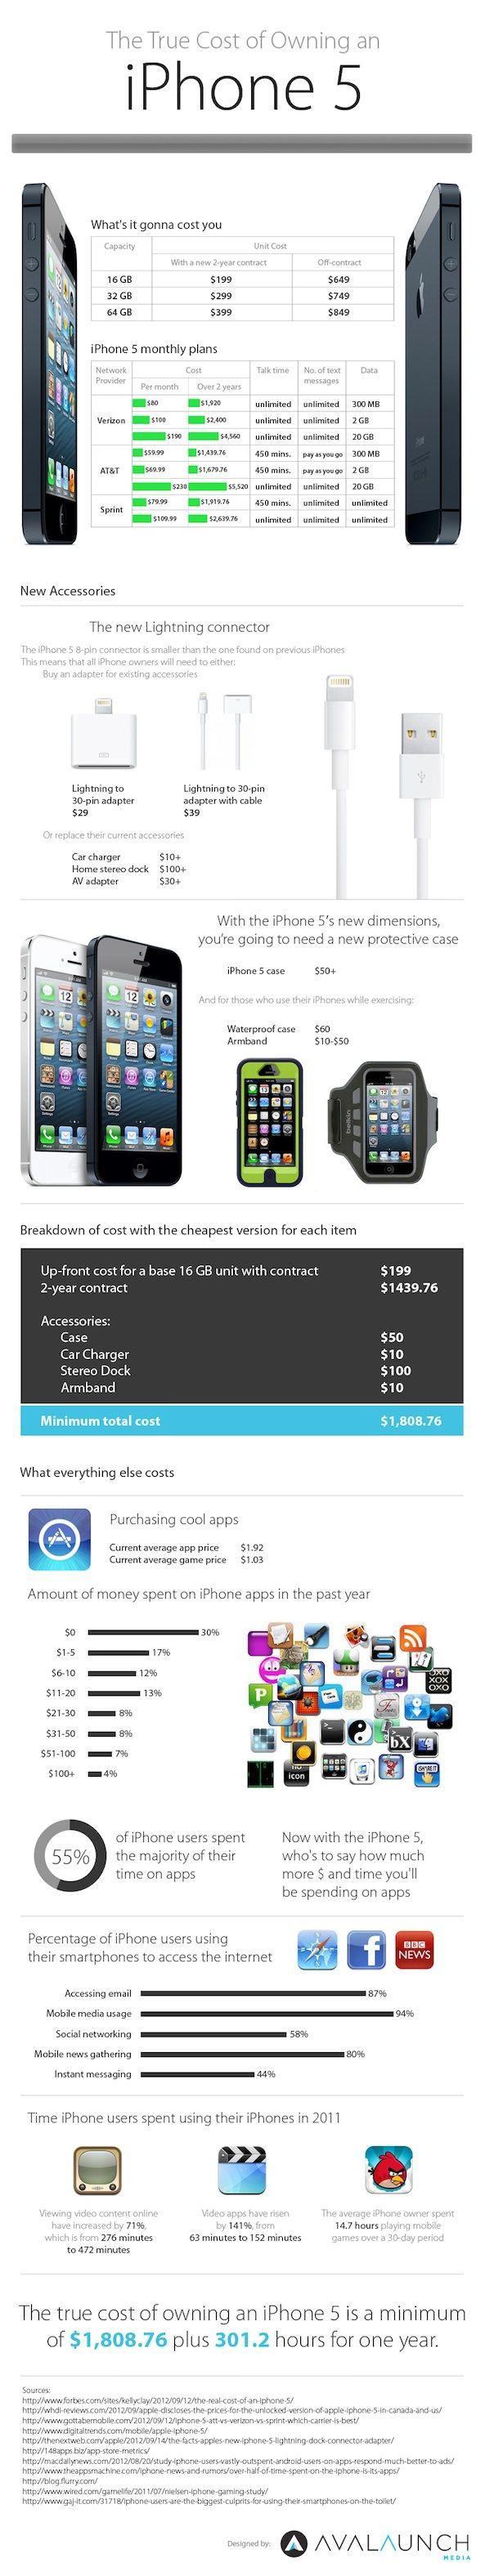 Во сколько в сумме обойдется iPhone 5 по истечении контракта?